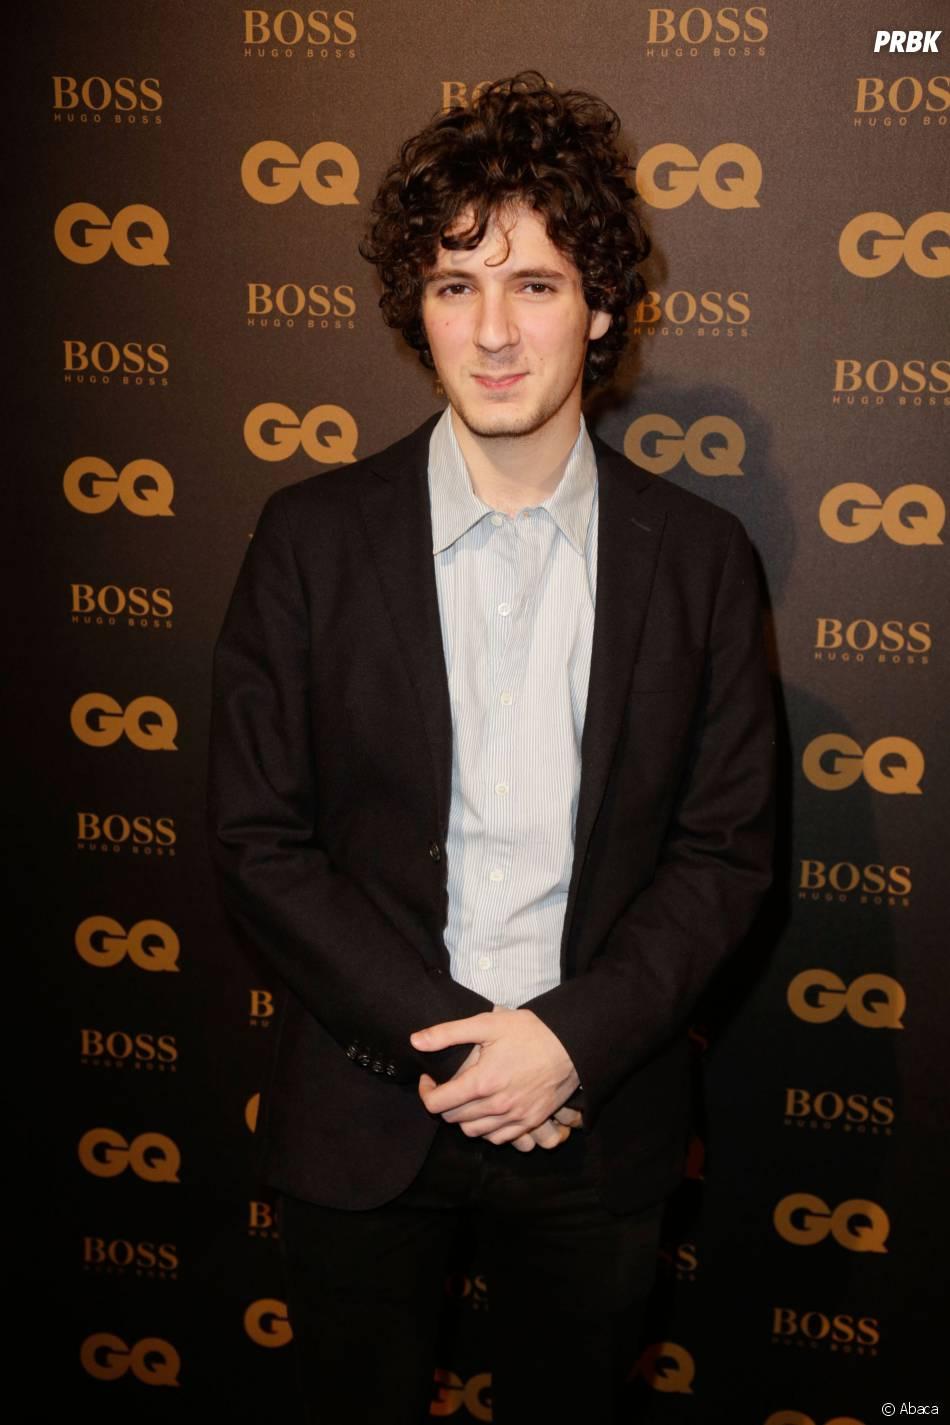 Vincent Lacoste aux GQ Awards à Paris le 25 janvier 2016